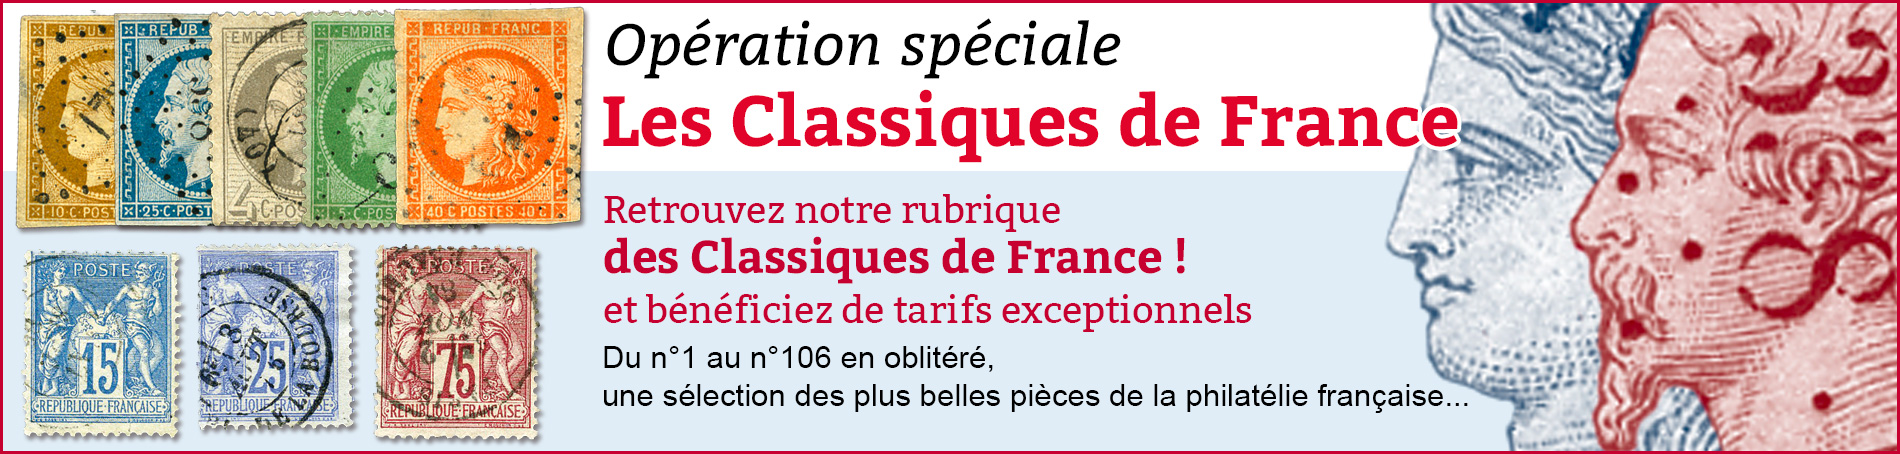 Slide 18 - Classique de France